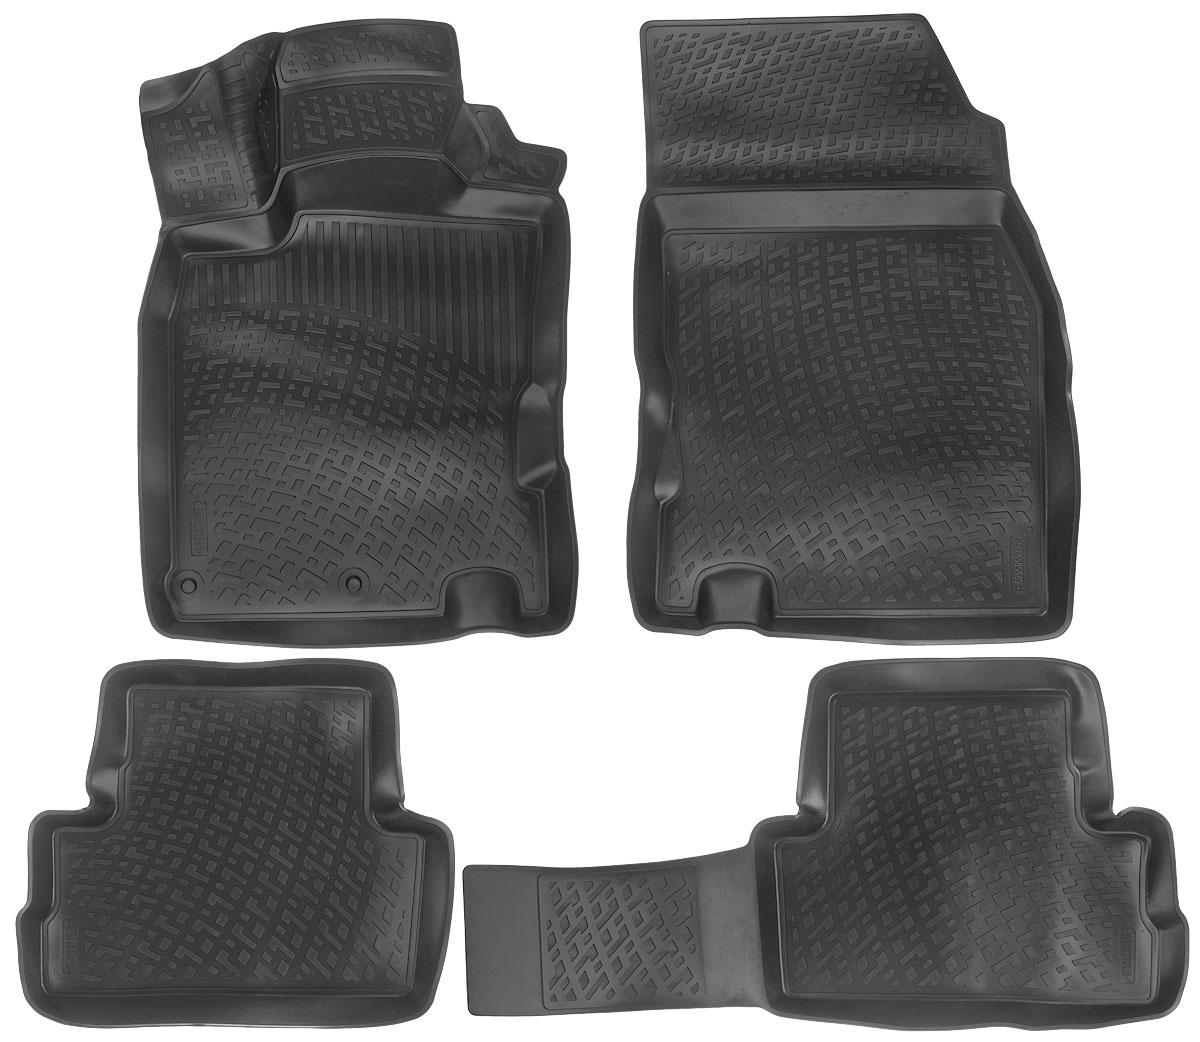 Набор автомобильных ковриков L.Locker Nissan Qashqai II 2014, в салон, 4 шт0205050301Набор L.Locker Nissan Qashqai II 2014, изготовленный из полиуретана, состоит из 4 антискользящих 3D ковриков, которые производятся индивидуально для каждой модели автомобиля. Изделие точно повторяет геометрию пола автомобиля, имеет высокий борт, обладает повышенной износоустойчивостью, лишено резкого запаха и сохраняет свои потребительские свойства в широком диапазоне температур от -50°С до +50°С.Комплектация: 4 шт.Размер ковриков: 87 см х 53 см; 53 см х 46 см; 92 см х 46 см; 54 см х 77 см.